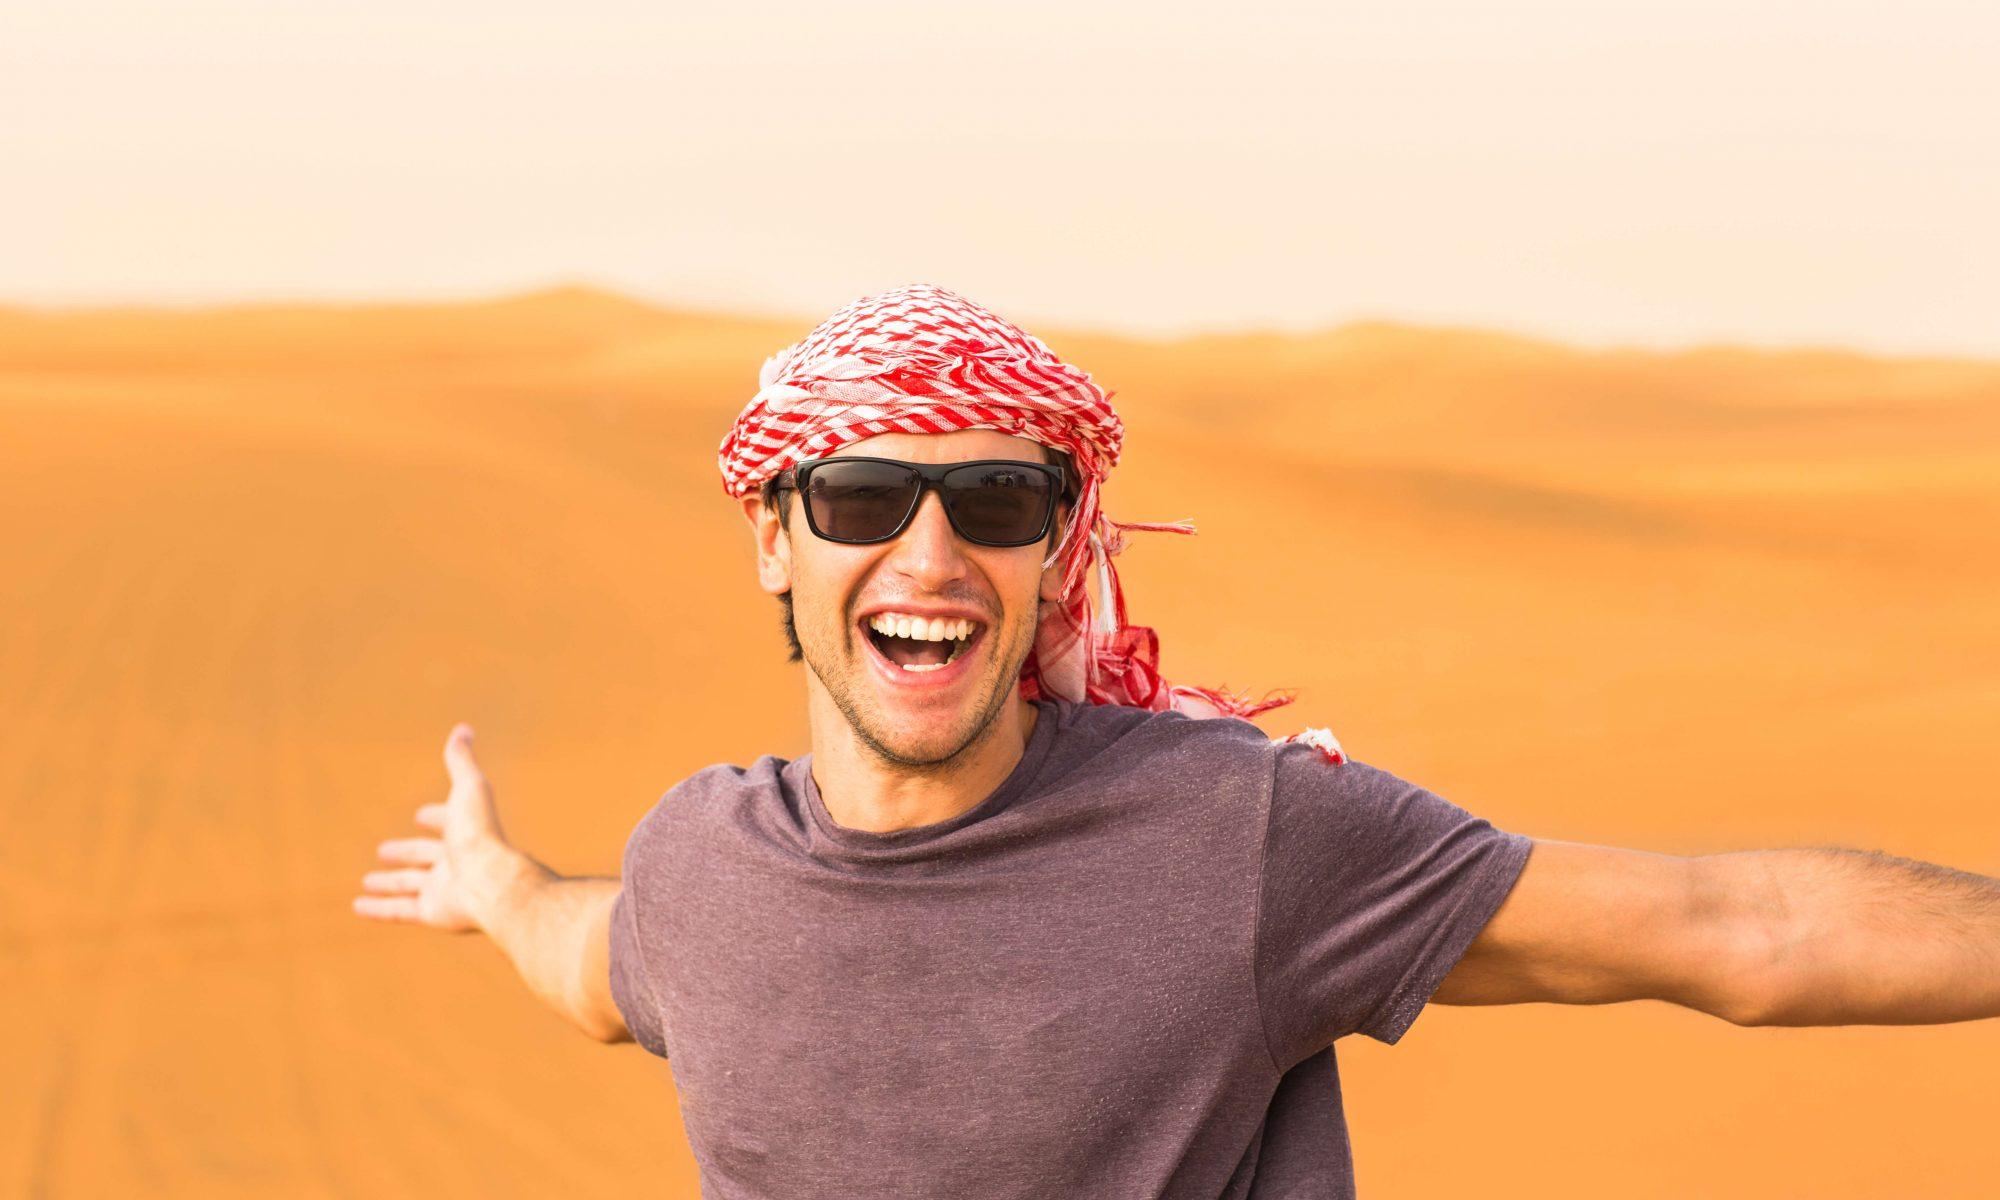 שיחון עברי ערבי המאפשר ללמוד משפטים של השפה ולדבר עם אנשי דוברי השפה הערבית